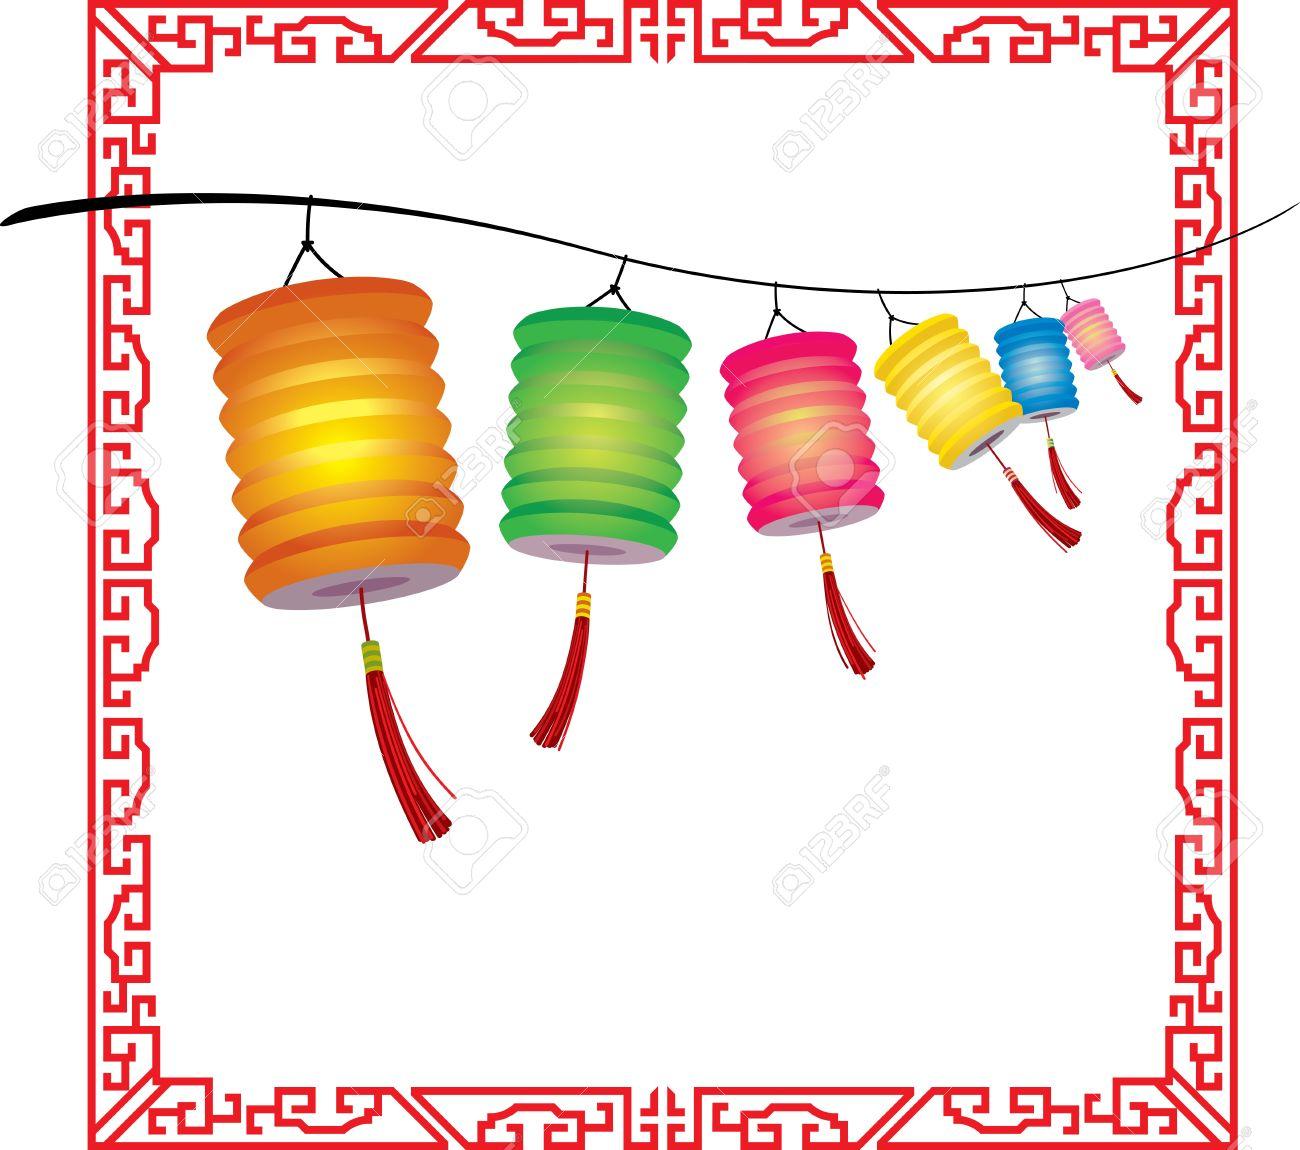 Lantern festival clipart - Clipground